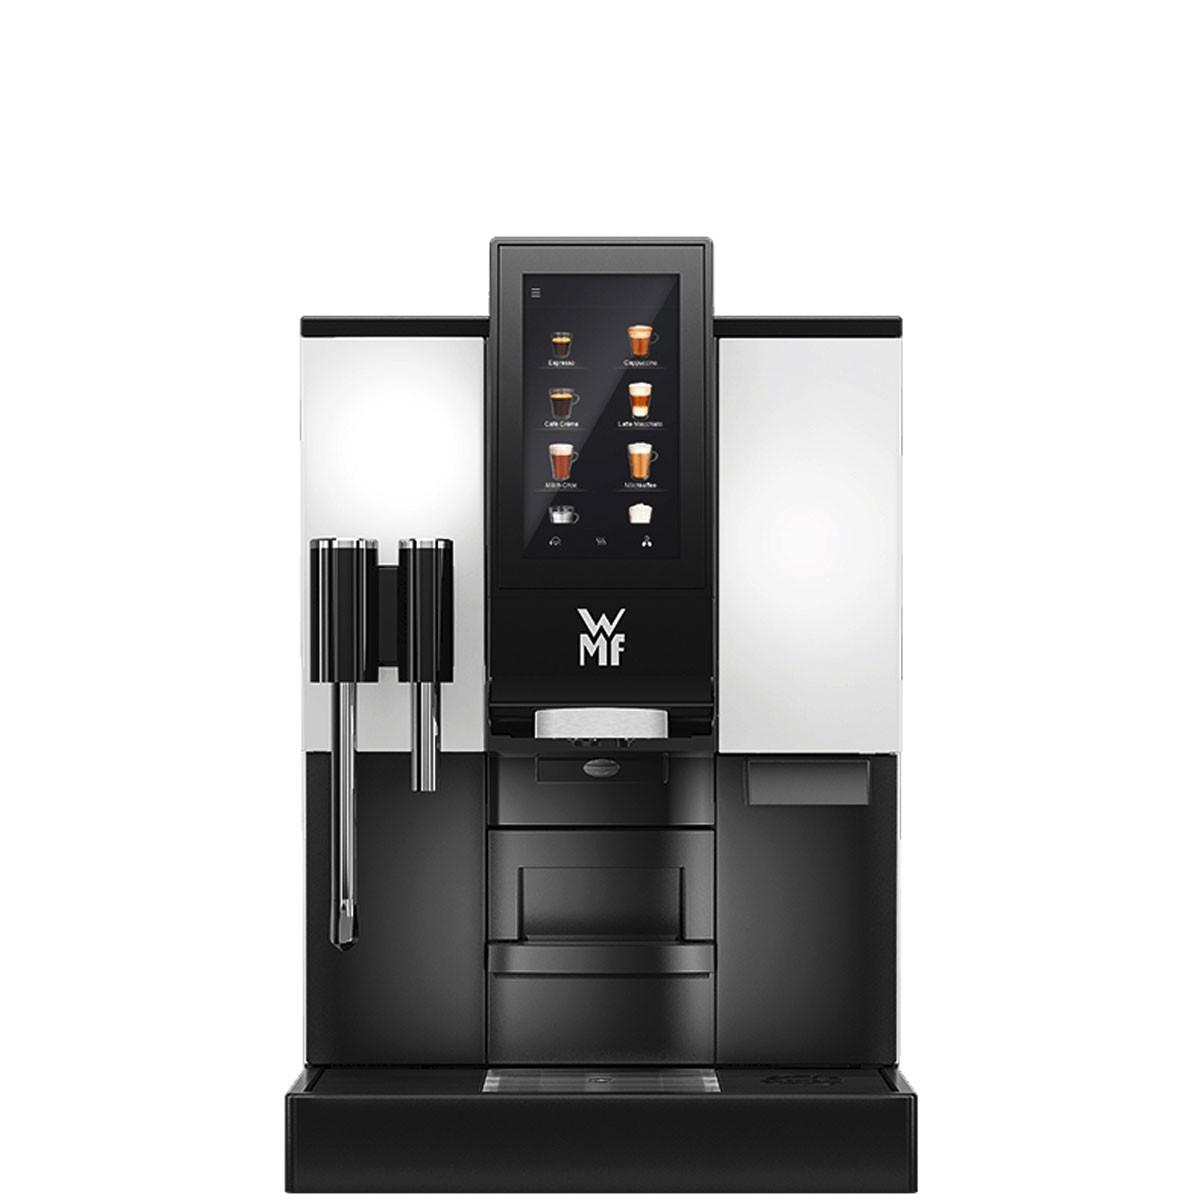 Máy pha cà phê siêu tự động WMF 1100s